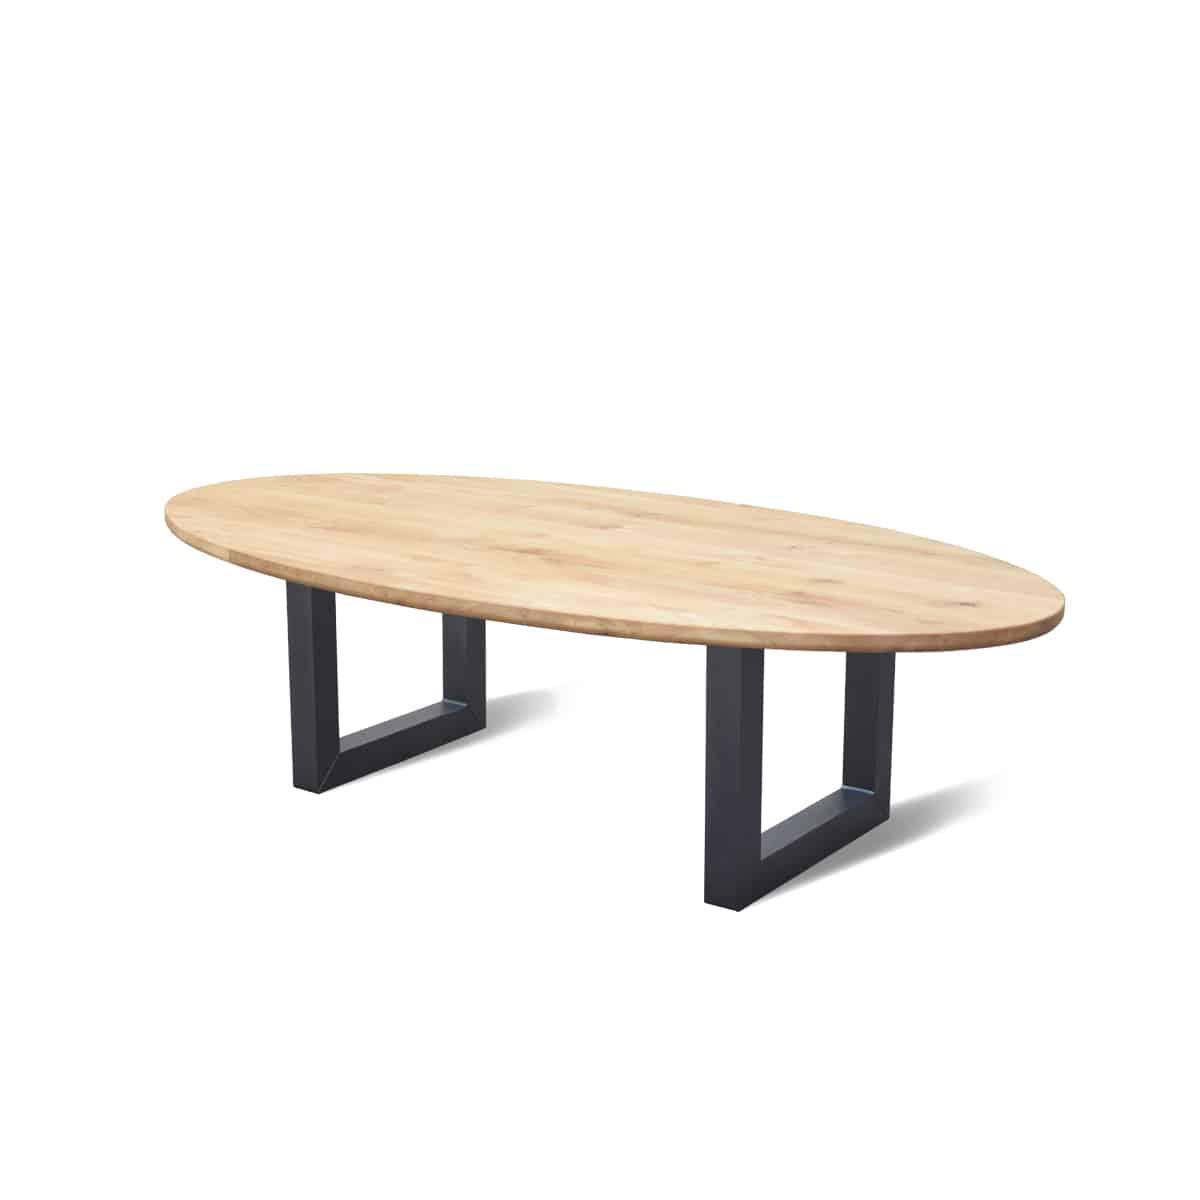 Ovale industriële eetkamer keuken tafel eiken hout staal